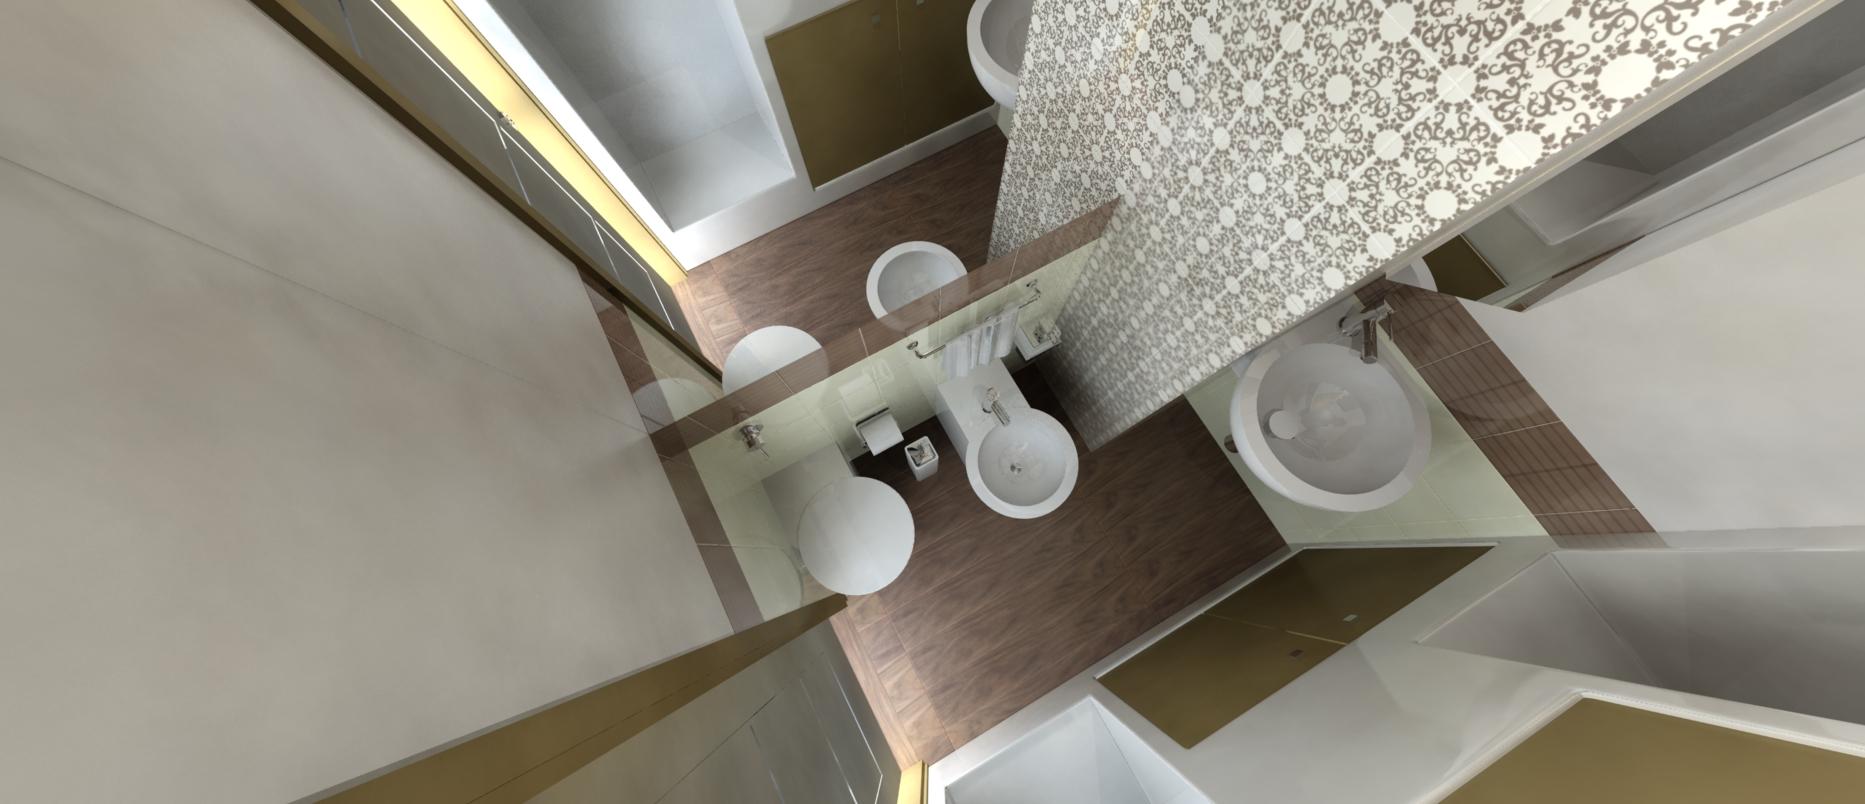 Design Bagno Piccolo: Arredare un bagno piccolo con la lavatrice i consigli utili per una.